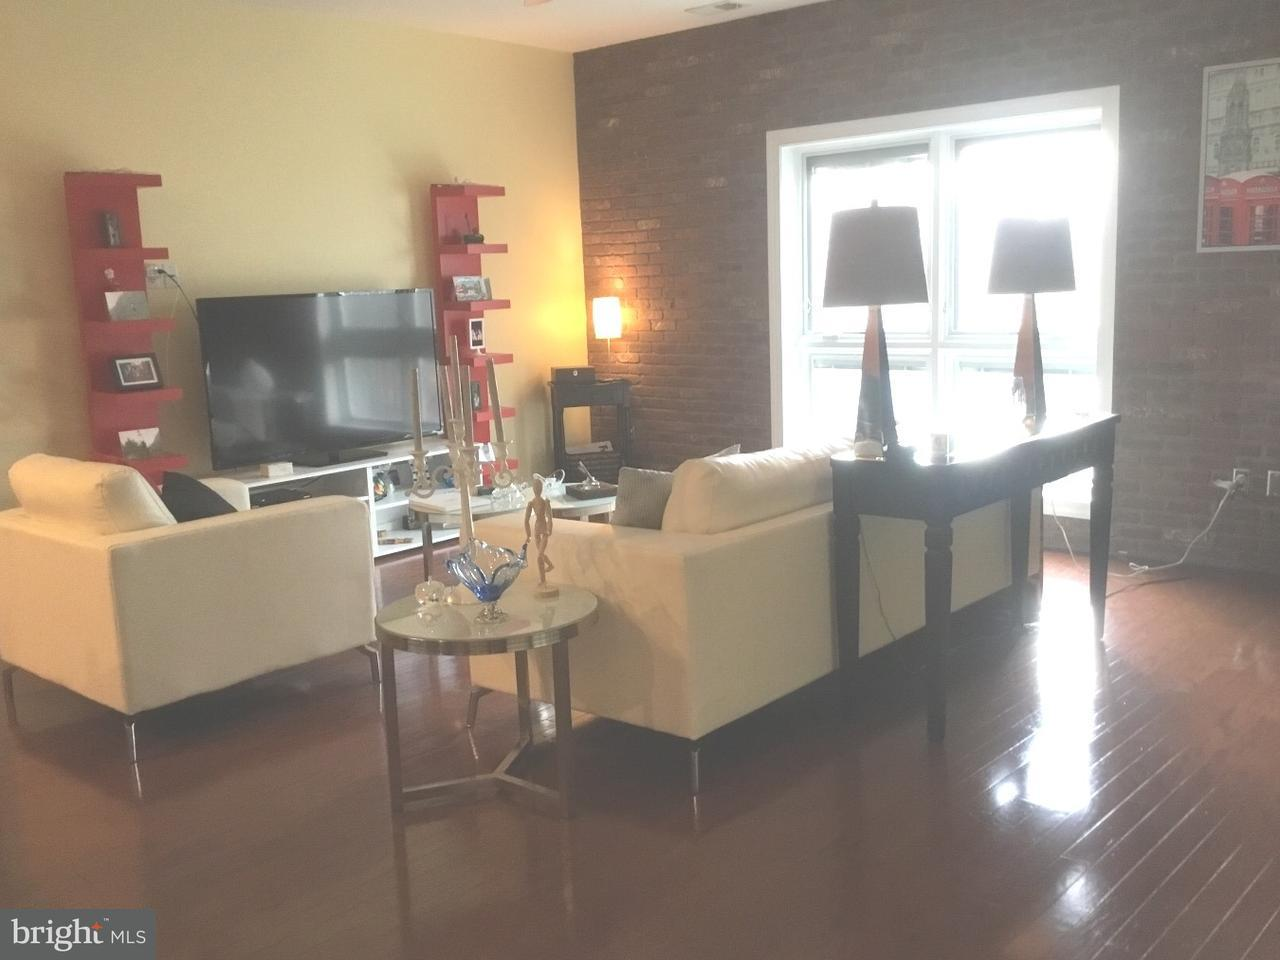 Maison unifamiliale pour l Vente à 2350 ROUTE 33 #212 Robbinsville, New Jersey 08691 États-UnisDans/Autour: Robbinsville Township